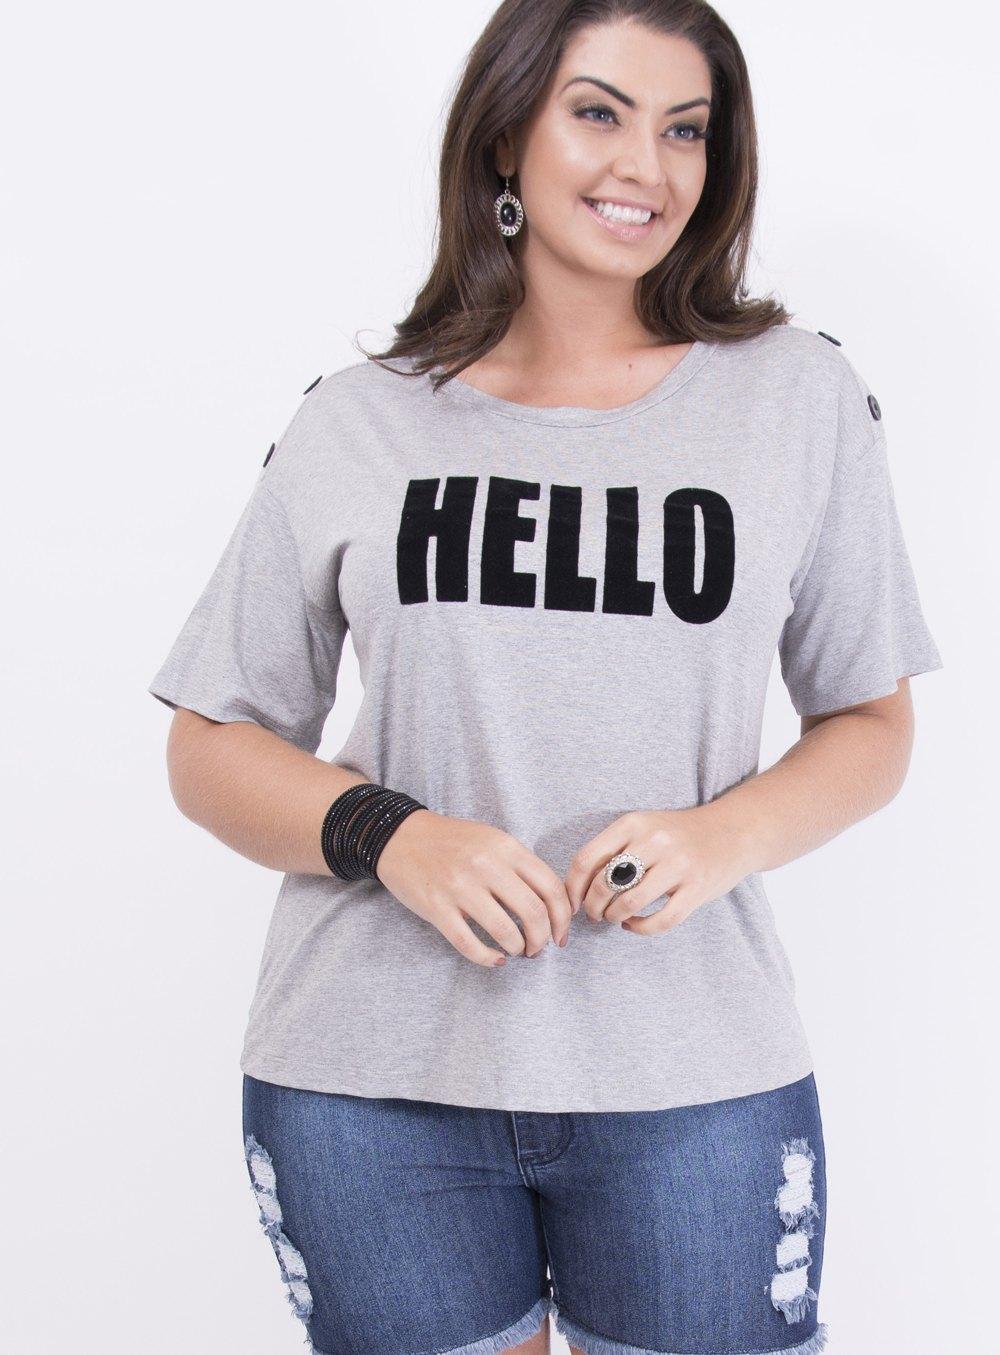 T-shirt em Malha com Detalhe em Botões Estampada com Frase: Hello